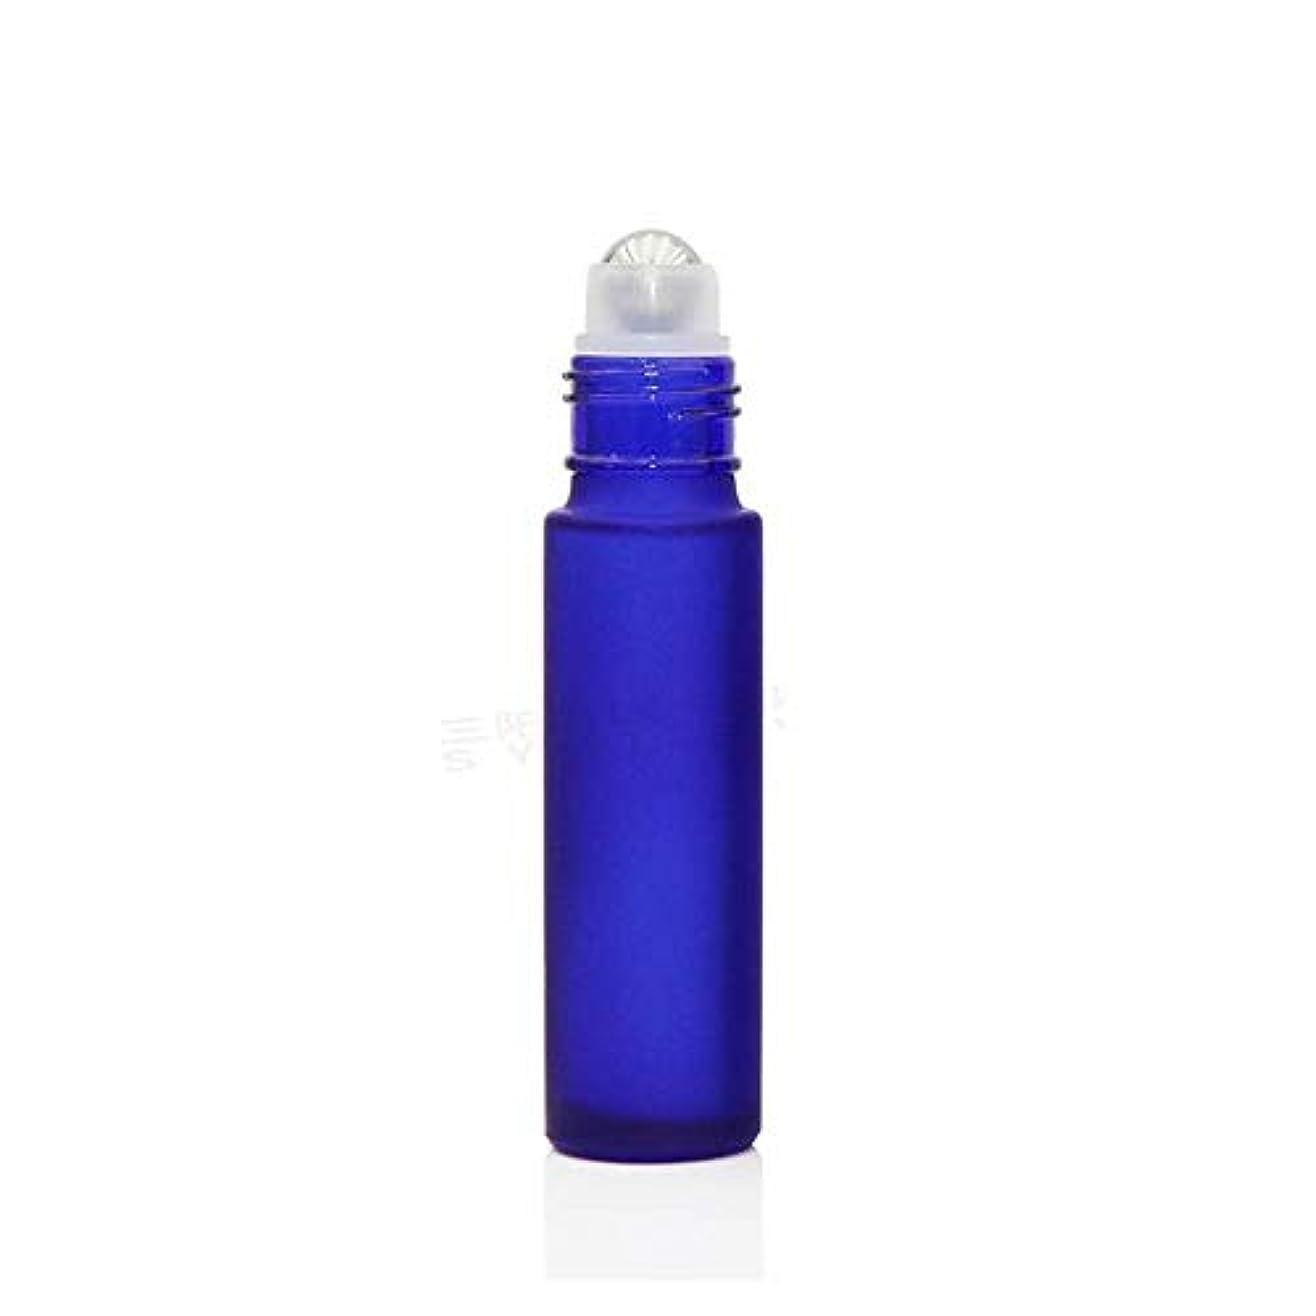 パドルハンカチ取り壊すgundoop ロールオンボトル アロマオイル 精油 小分け用 遮光瓶 10ml 10本セット ガラスロールタイプ (ブルー)